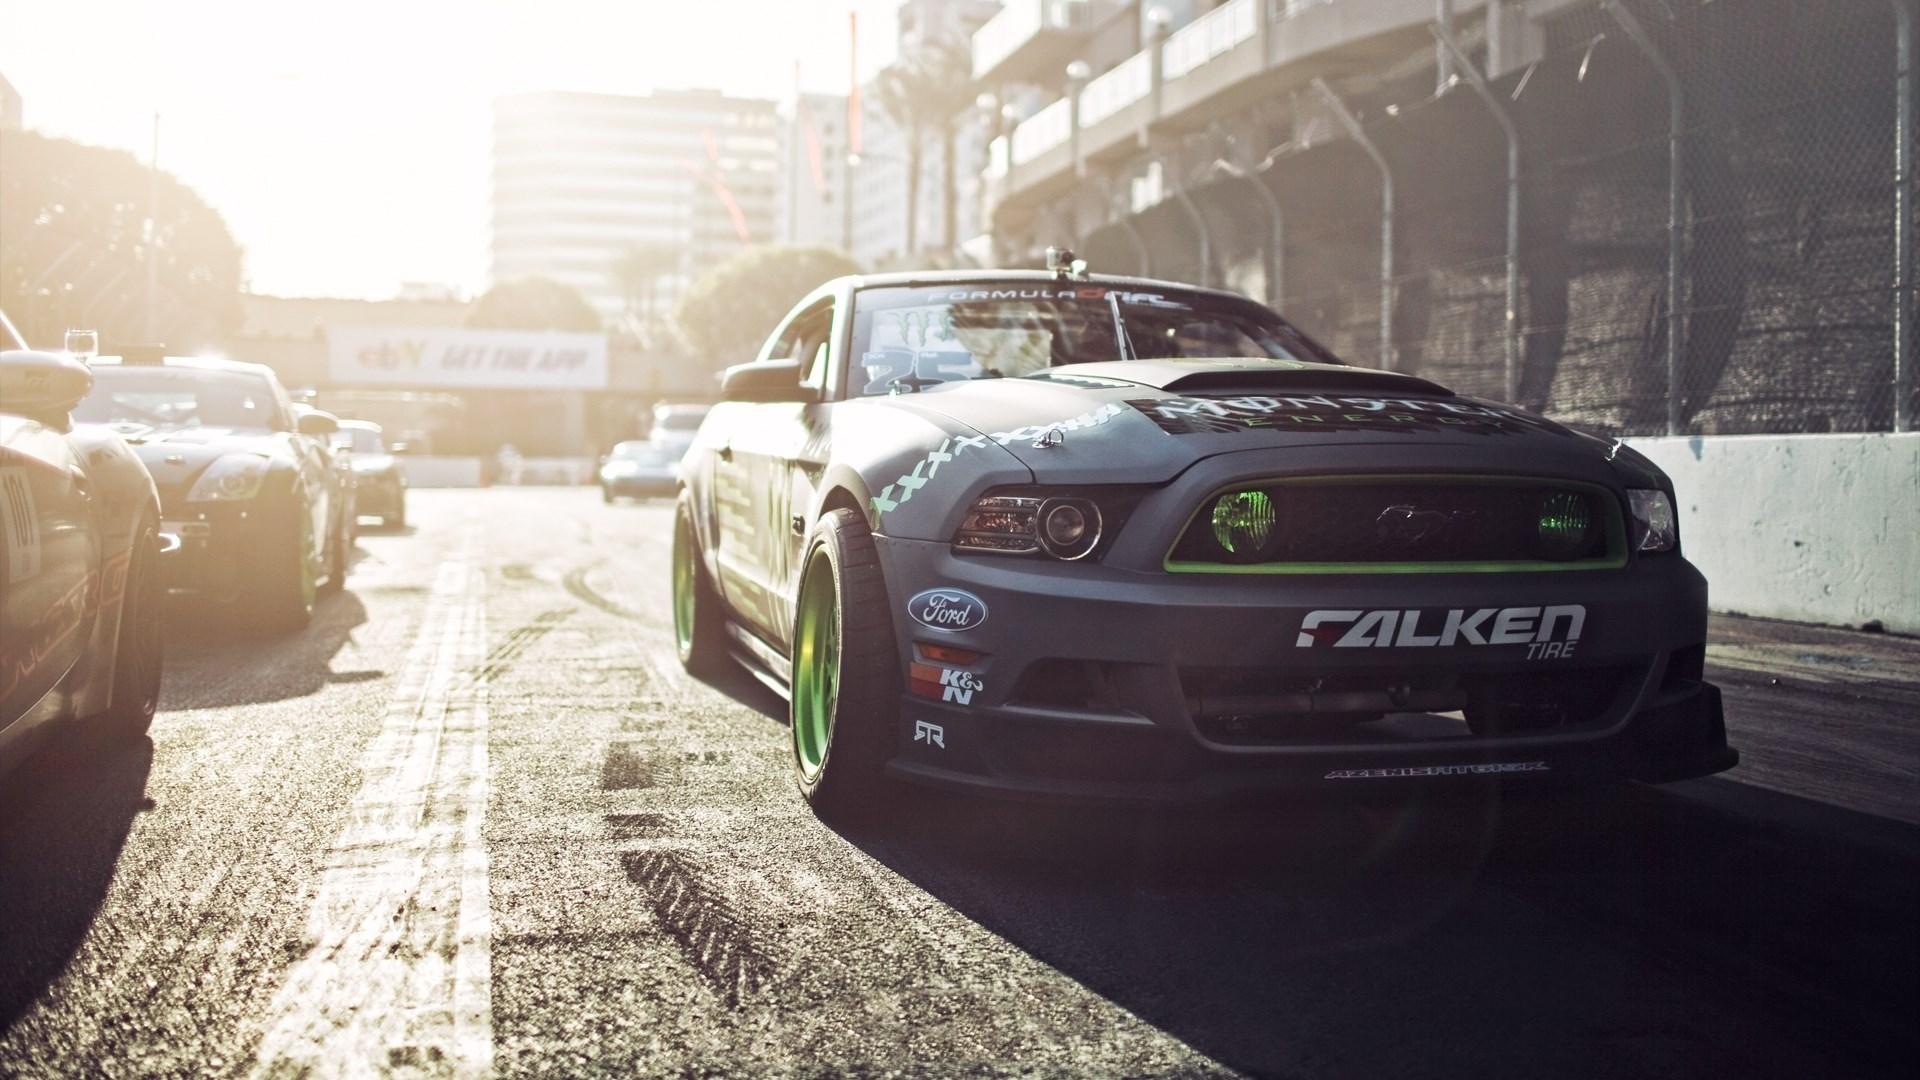 track car wallpaper 40879